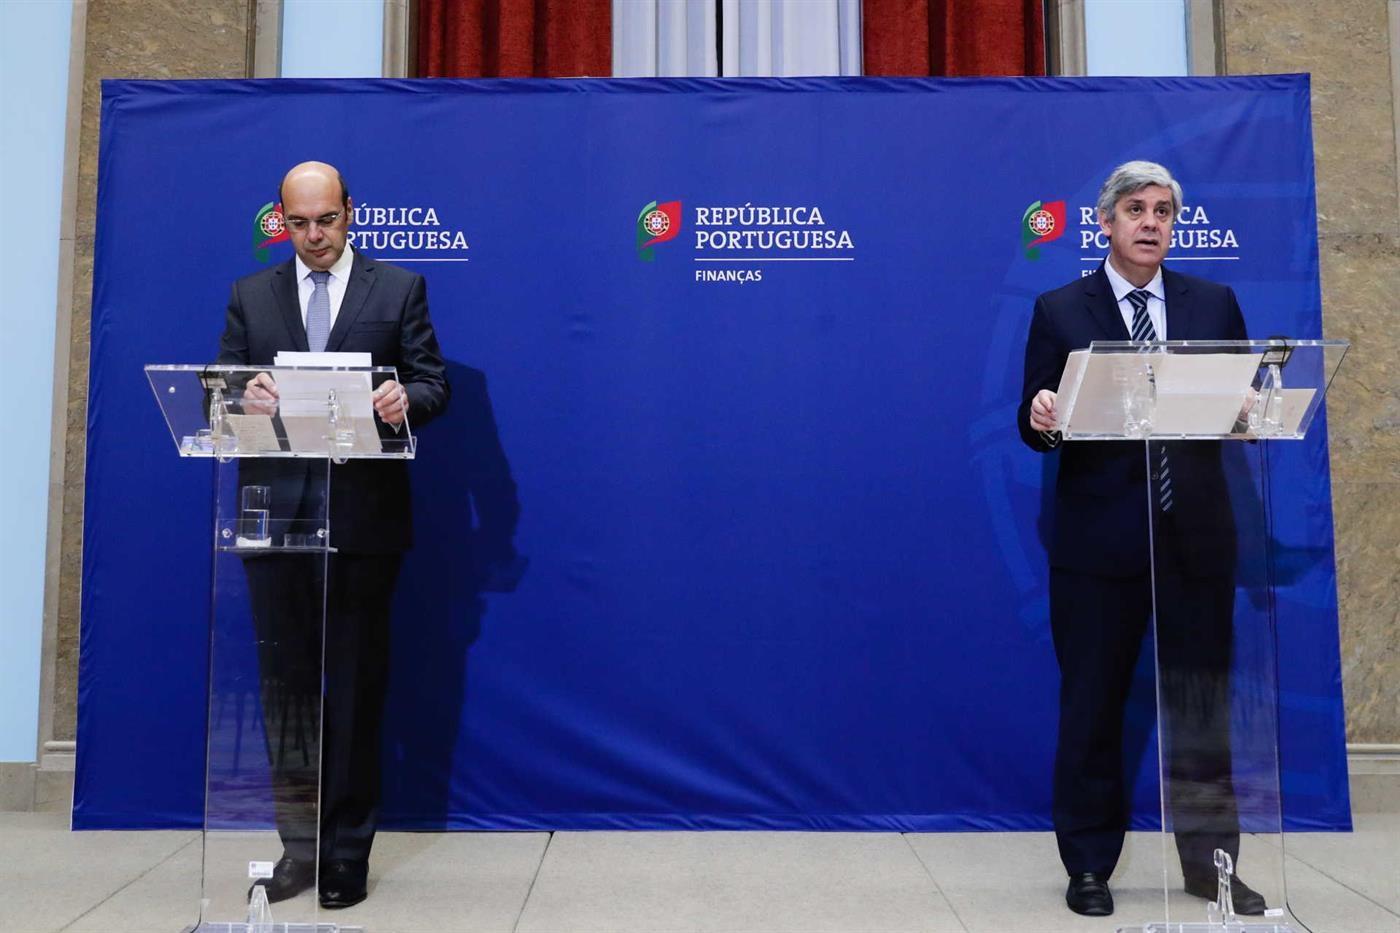 Covid-19:Governo Cria Linha De Crédito De 3.000 Milhões de Euros Para Empresas